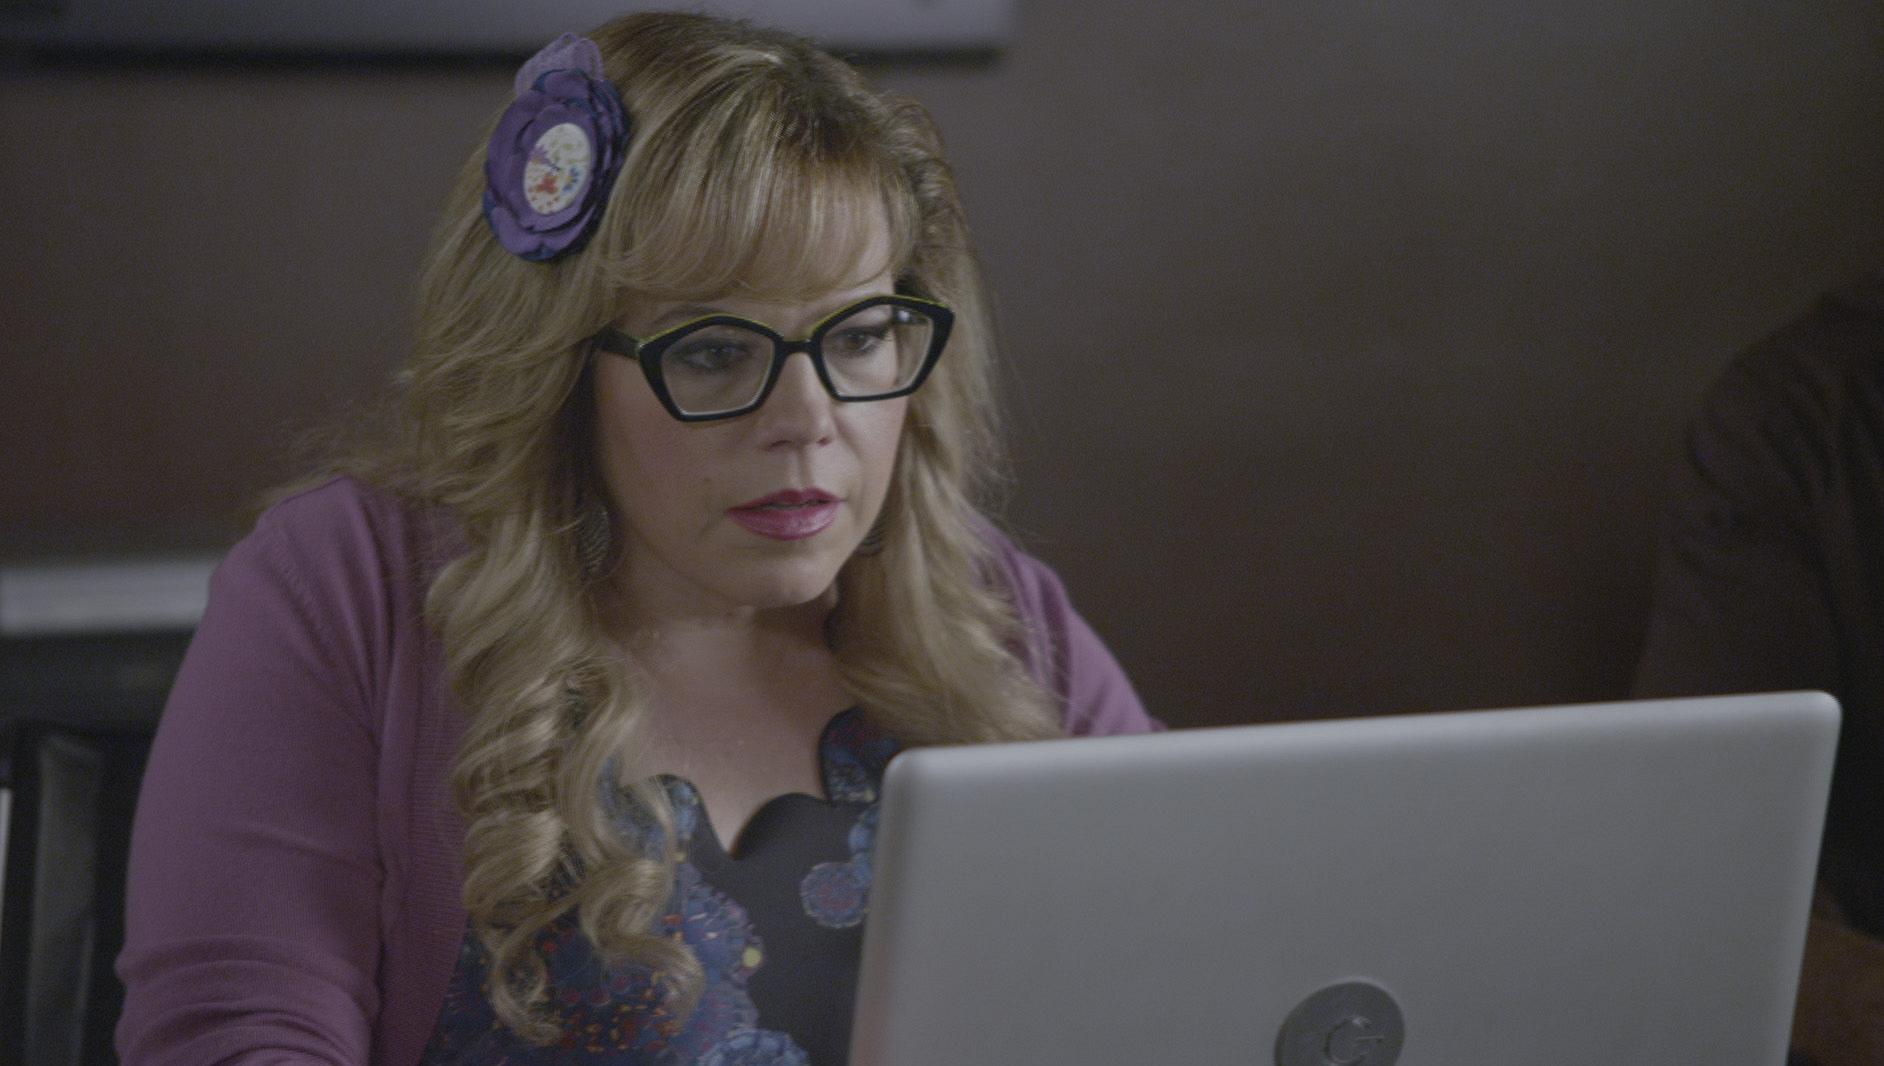 Nice - Penelope Garcia from Criminal Minds